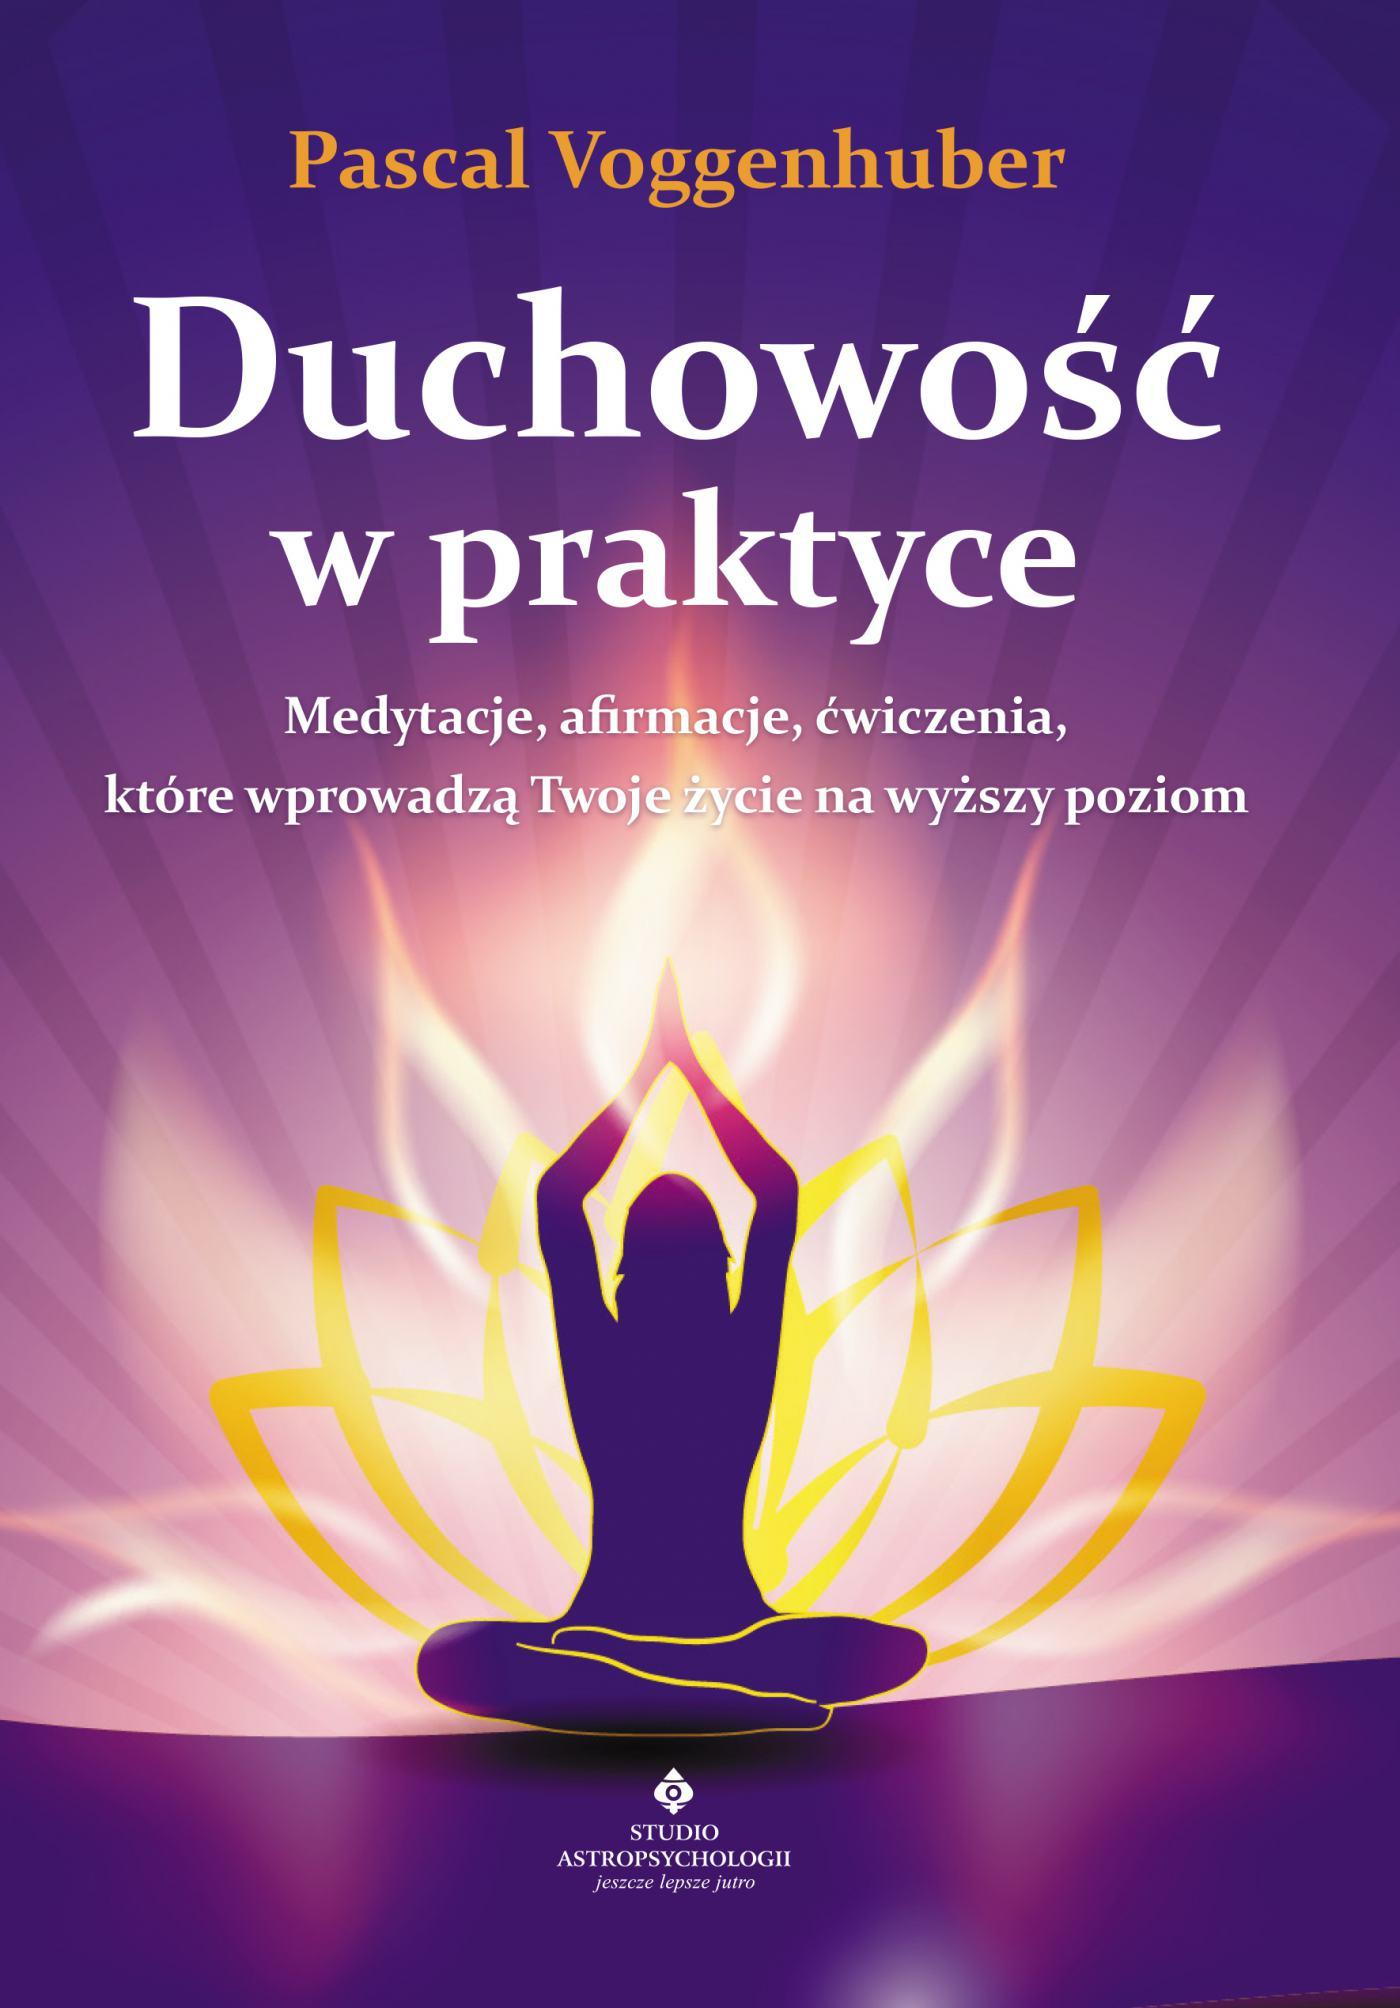 Duchowość w praktyce - Ebook (Książka na Kindle) do pobrania w formacie MOBI